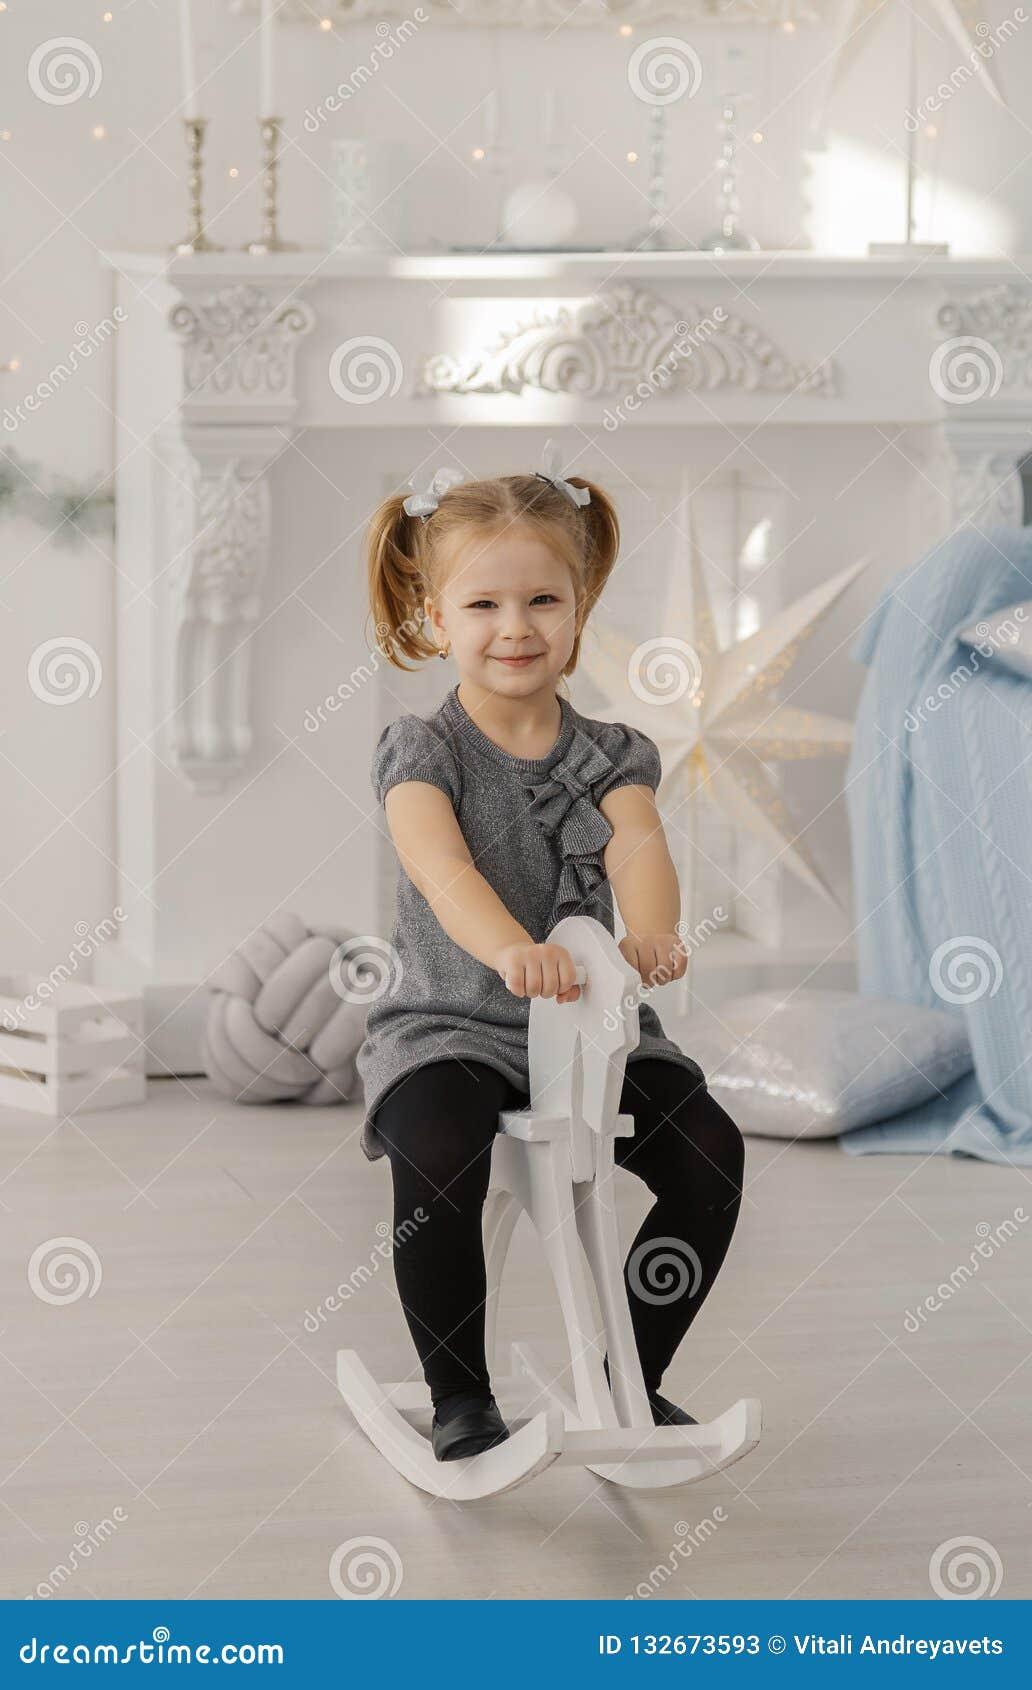 Piękna mała dziewczynka w białej sukni jak princess siedzi na zabawkarskim drewnianym koniu w rocznika studiu, nowy rok